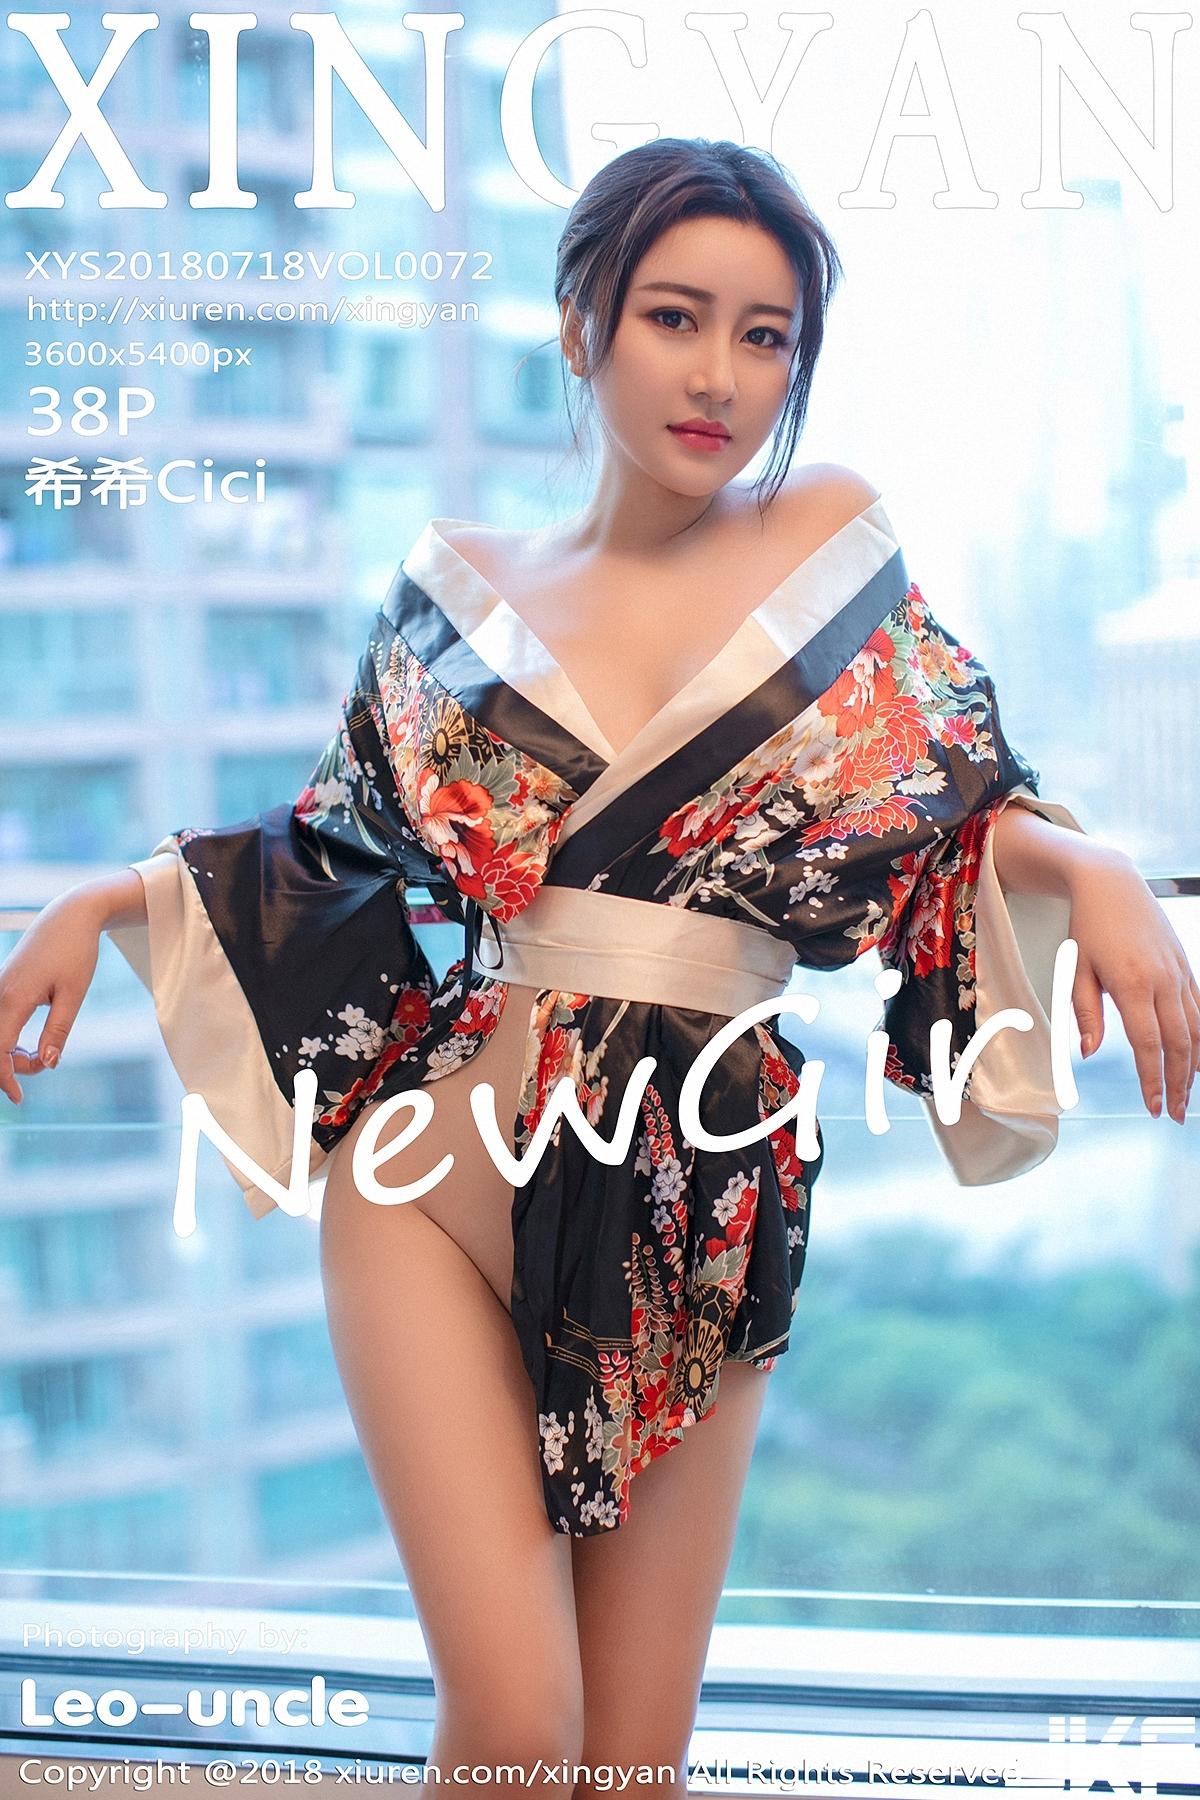 【XINGYAN星顔社系列】2018.07.18 VOL.072 希希Cici性感寫真【39P】 - 貼圖 - 絲襪美腿 -